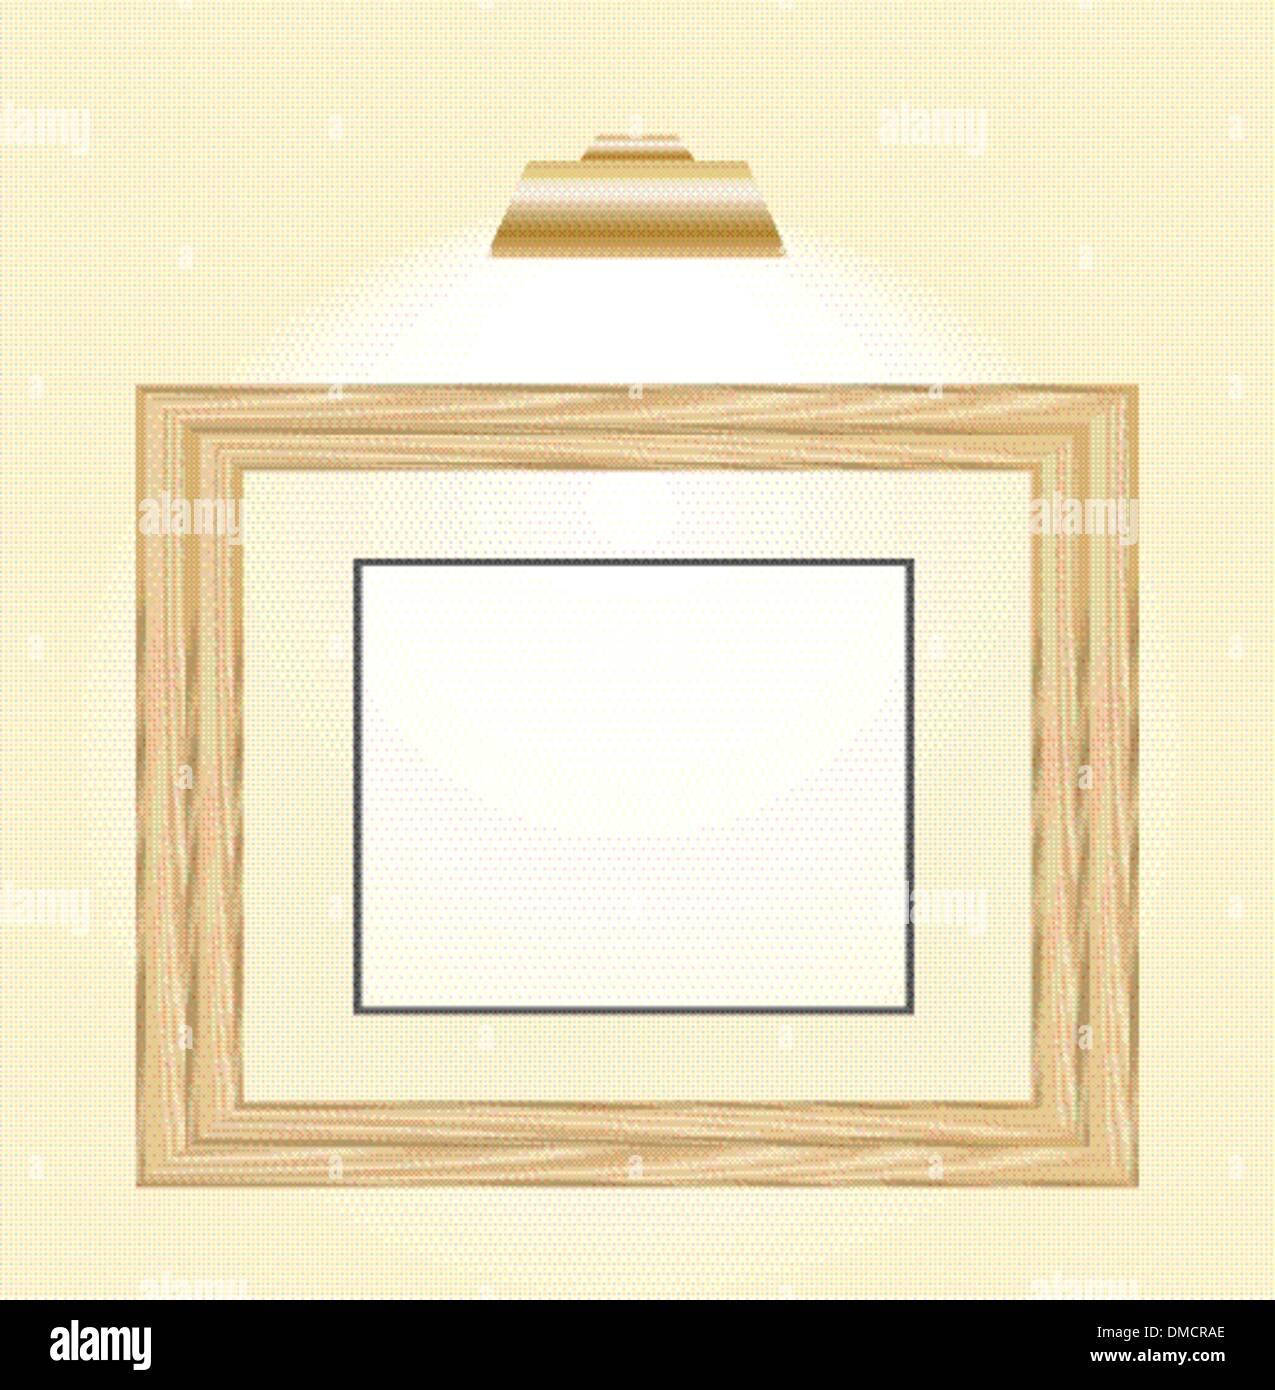 Photo Frame Wooden Horizontal Stock Photos & Photo Frame Wooden ...